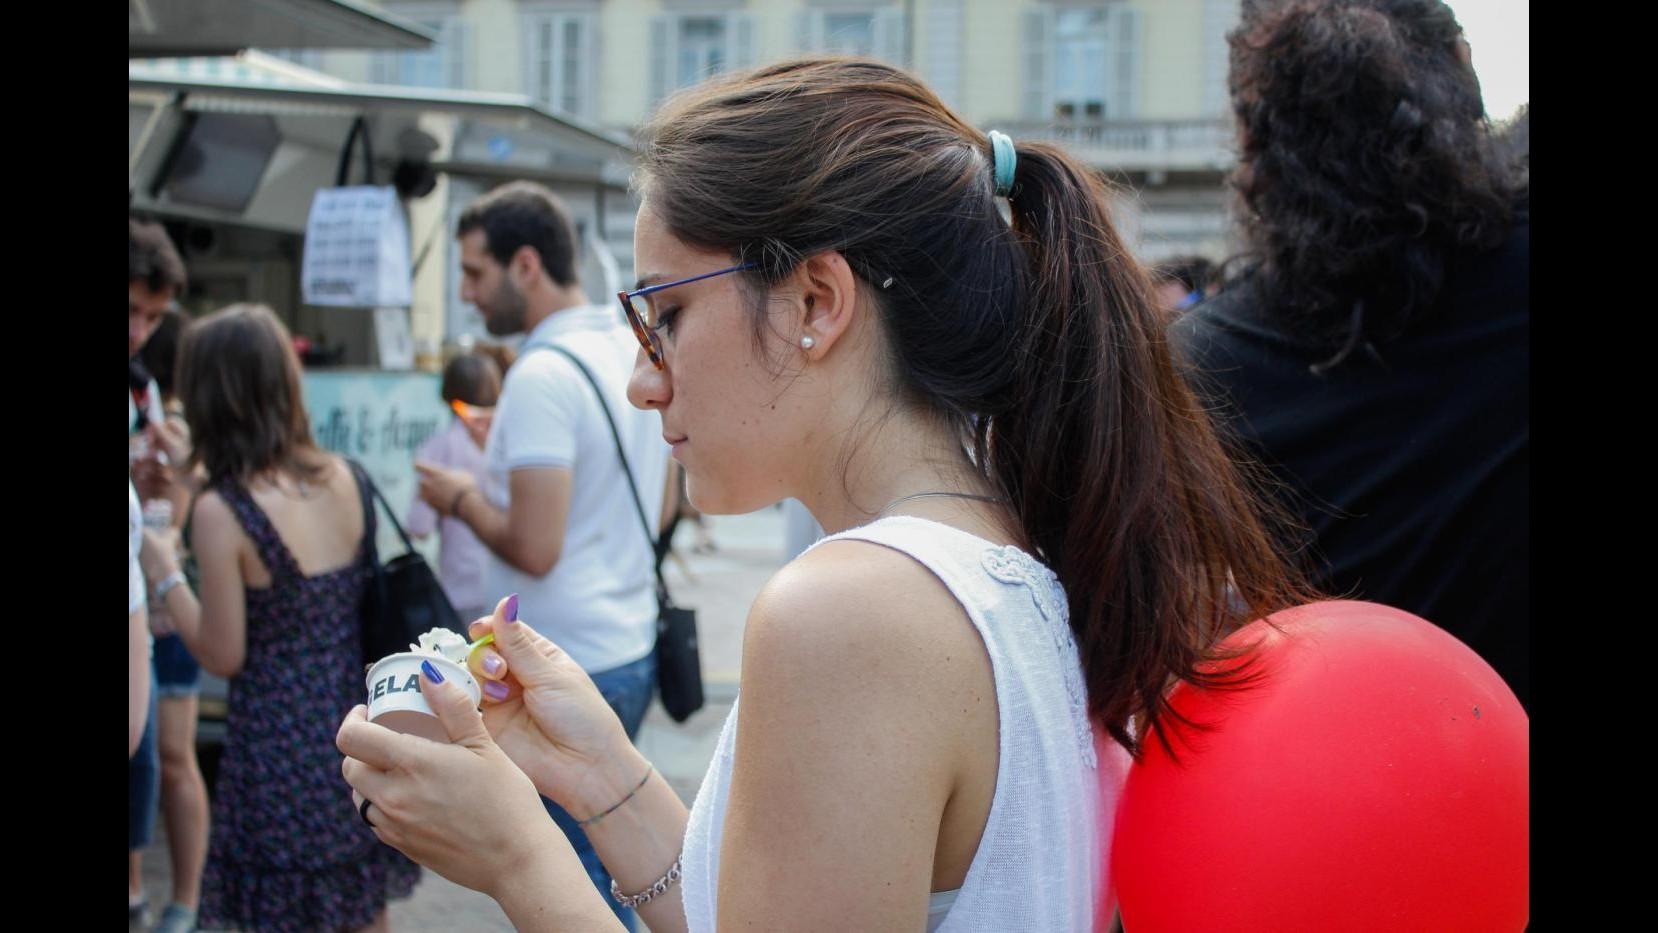 Expo, l'esperto: Alimentazione della donna, attenzione a mode